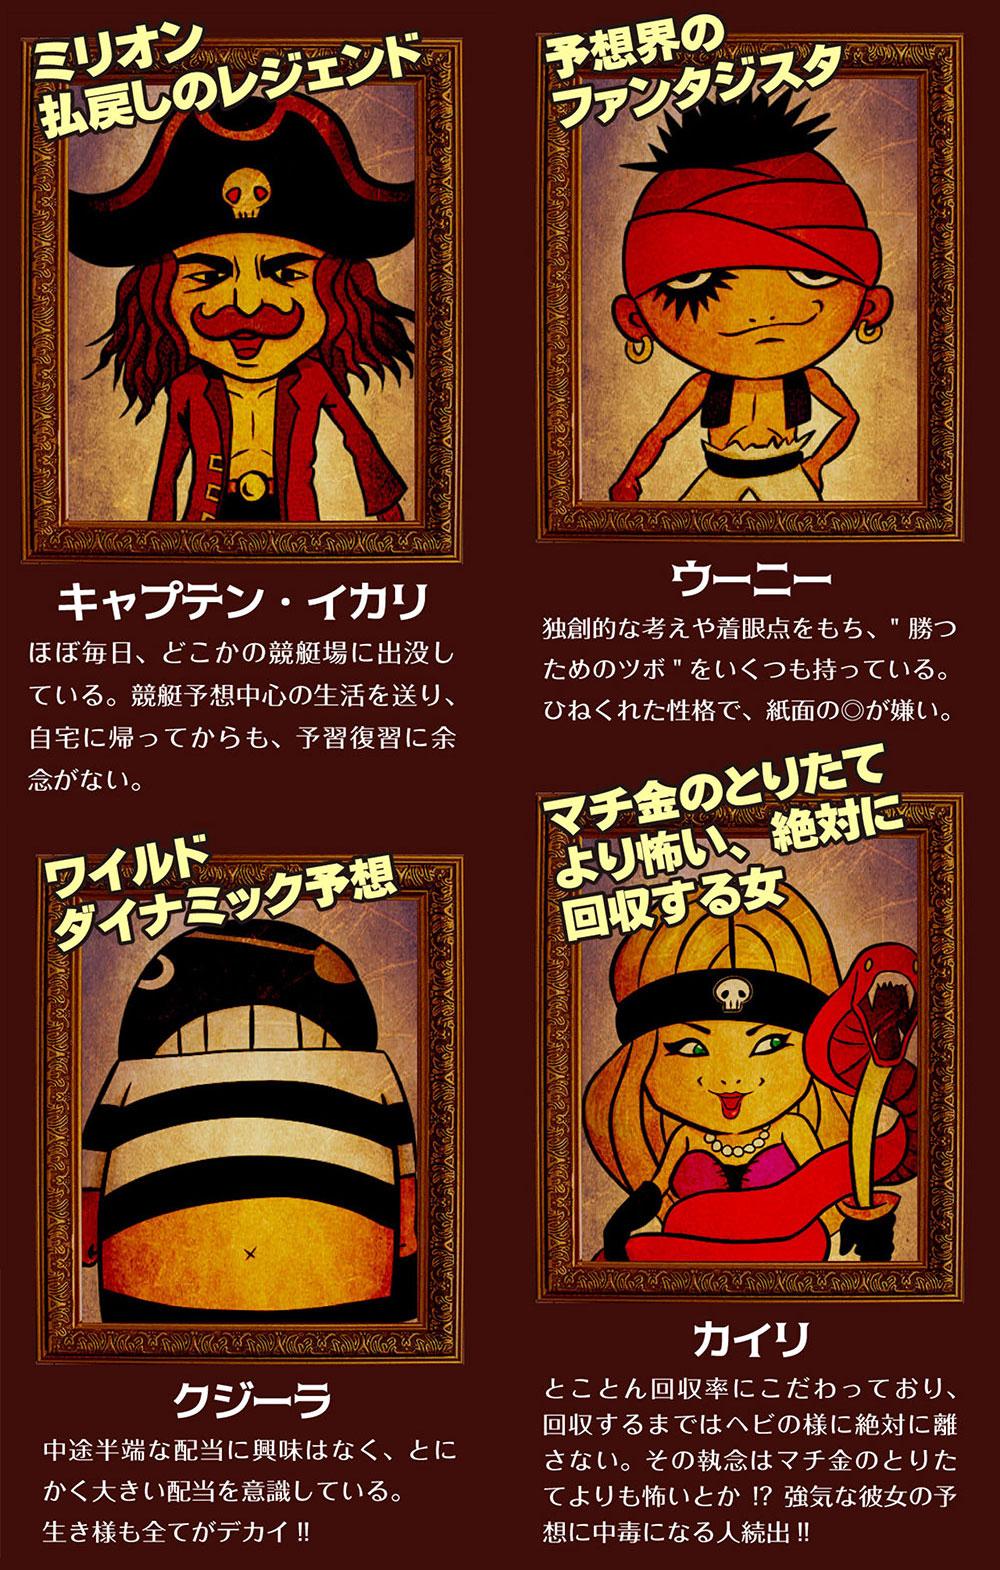 悪徳アプリ 競艇予想海賊団 プランのキャラはキャプテン・イカリ、ウーニー、クジーラ、カイリ